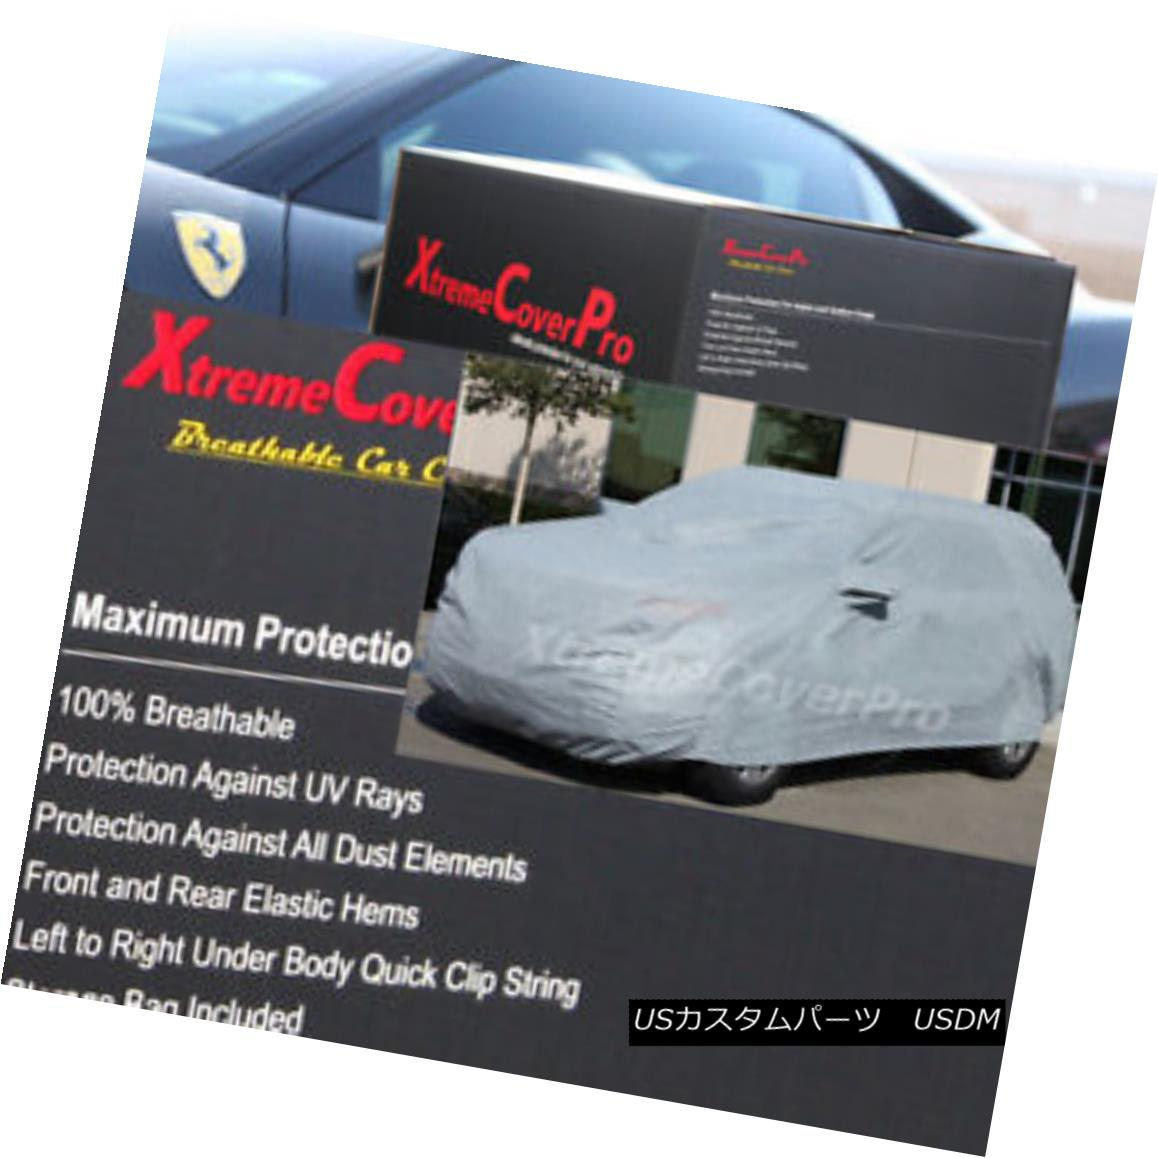 カーカバー 2013 Toyota 4Runner Breathable Car Cover w/MirrorPocket 2013年トヨタ4Runner通気性車カバー付きMirrorPocket